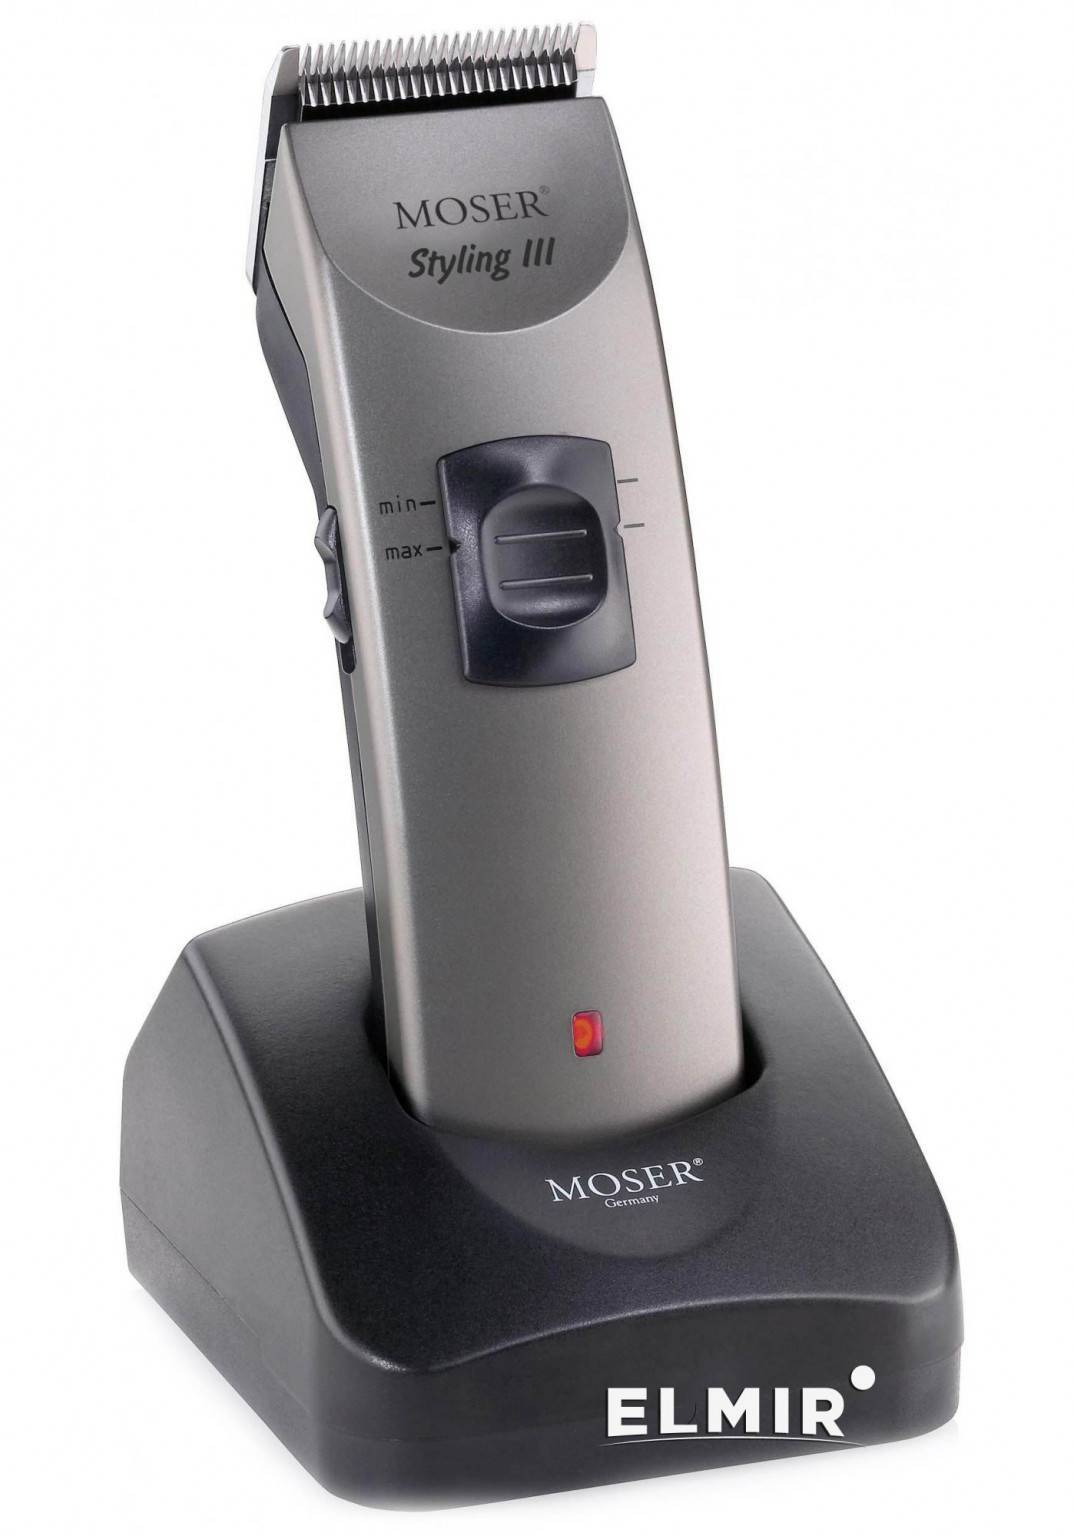 Триммеры и машинки для бритья moser: для бороды и бритья носа, электробритвы и дорожные машинки для стрижки волос в ушах